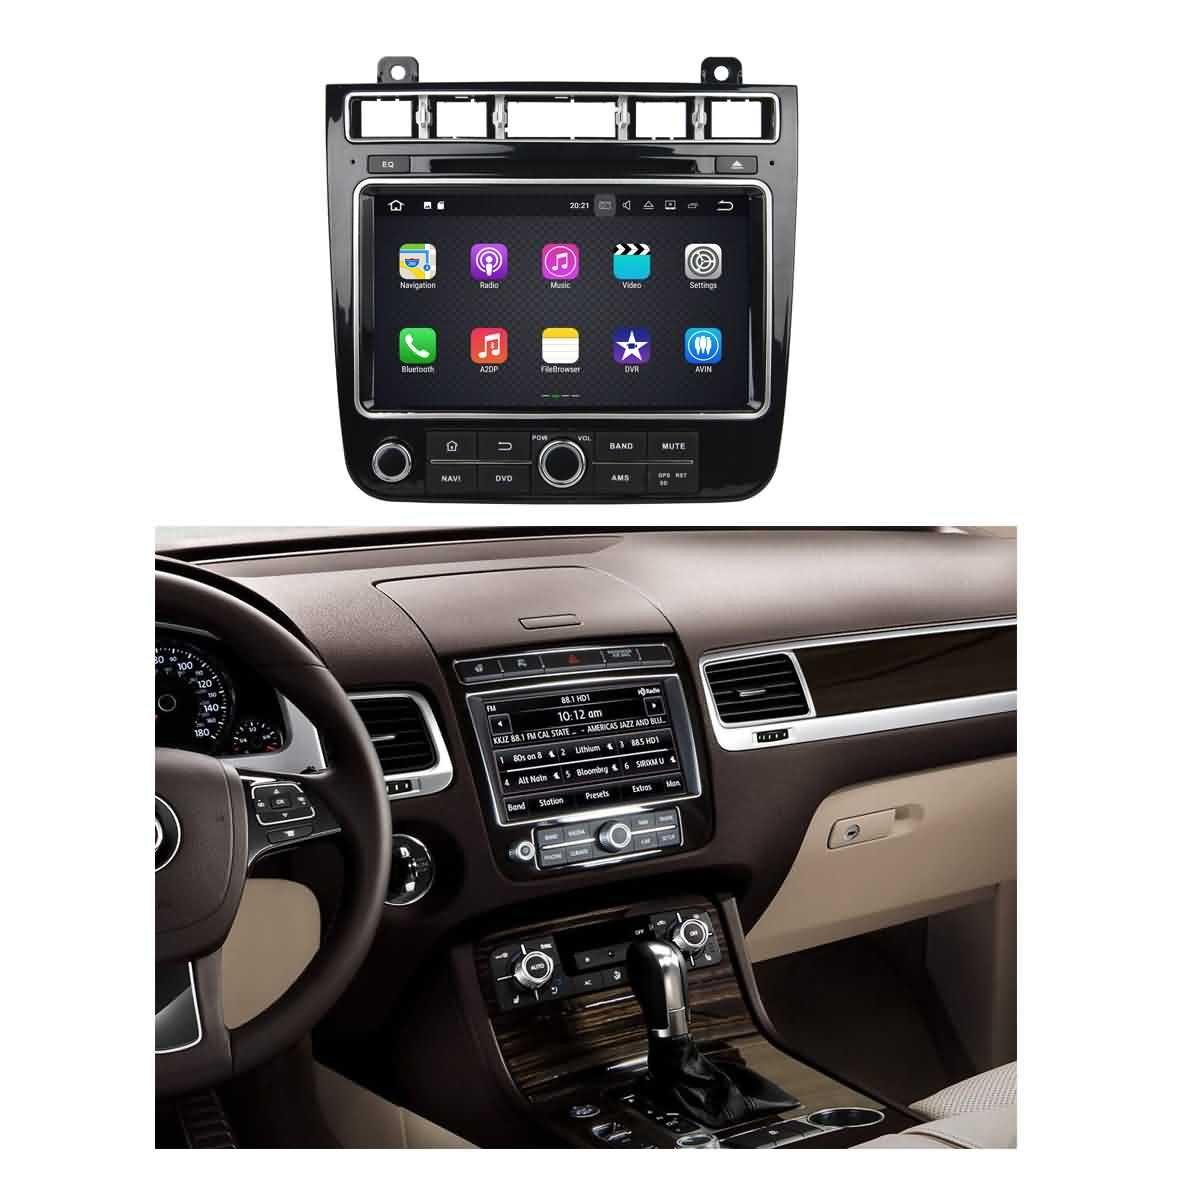 2 Din 8 pouces Android 7.1 stéréo de voiture pour VW Touareg 2015 2016 2017,DAB+ radio 1024x600 écran tactile capacitif avec Quad Core Cortex A9 1.6G CPU 16G flash et 2G de RAM DDR3 GPS Navi Radio Lecteur